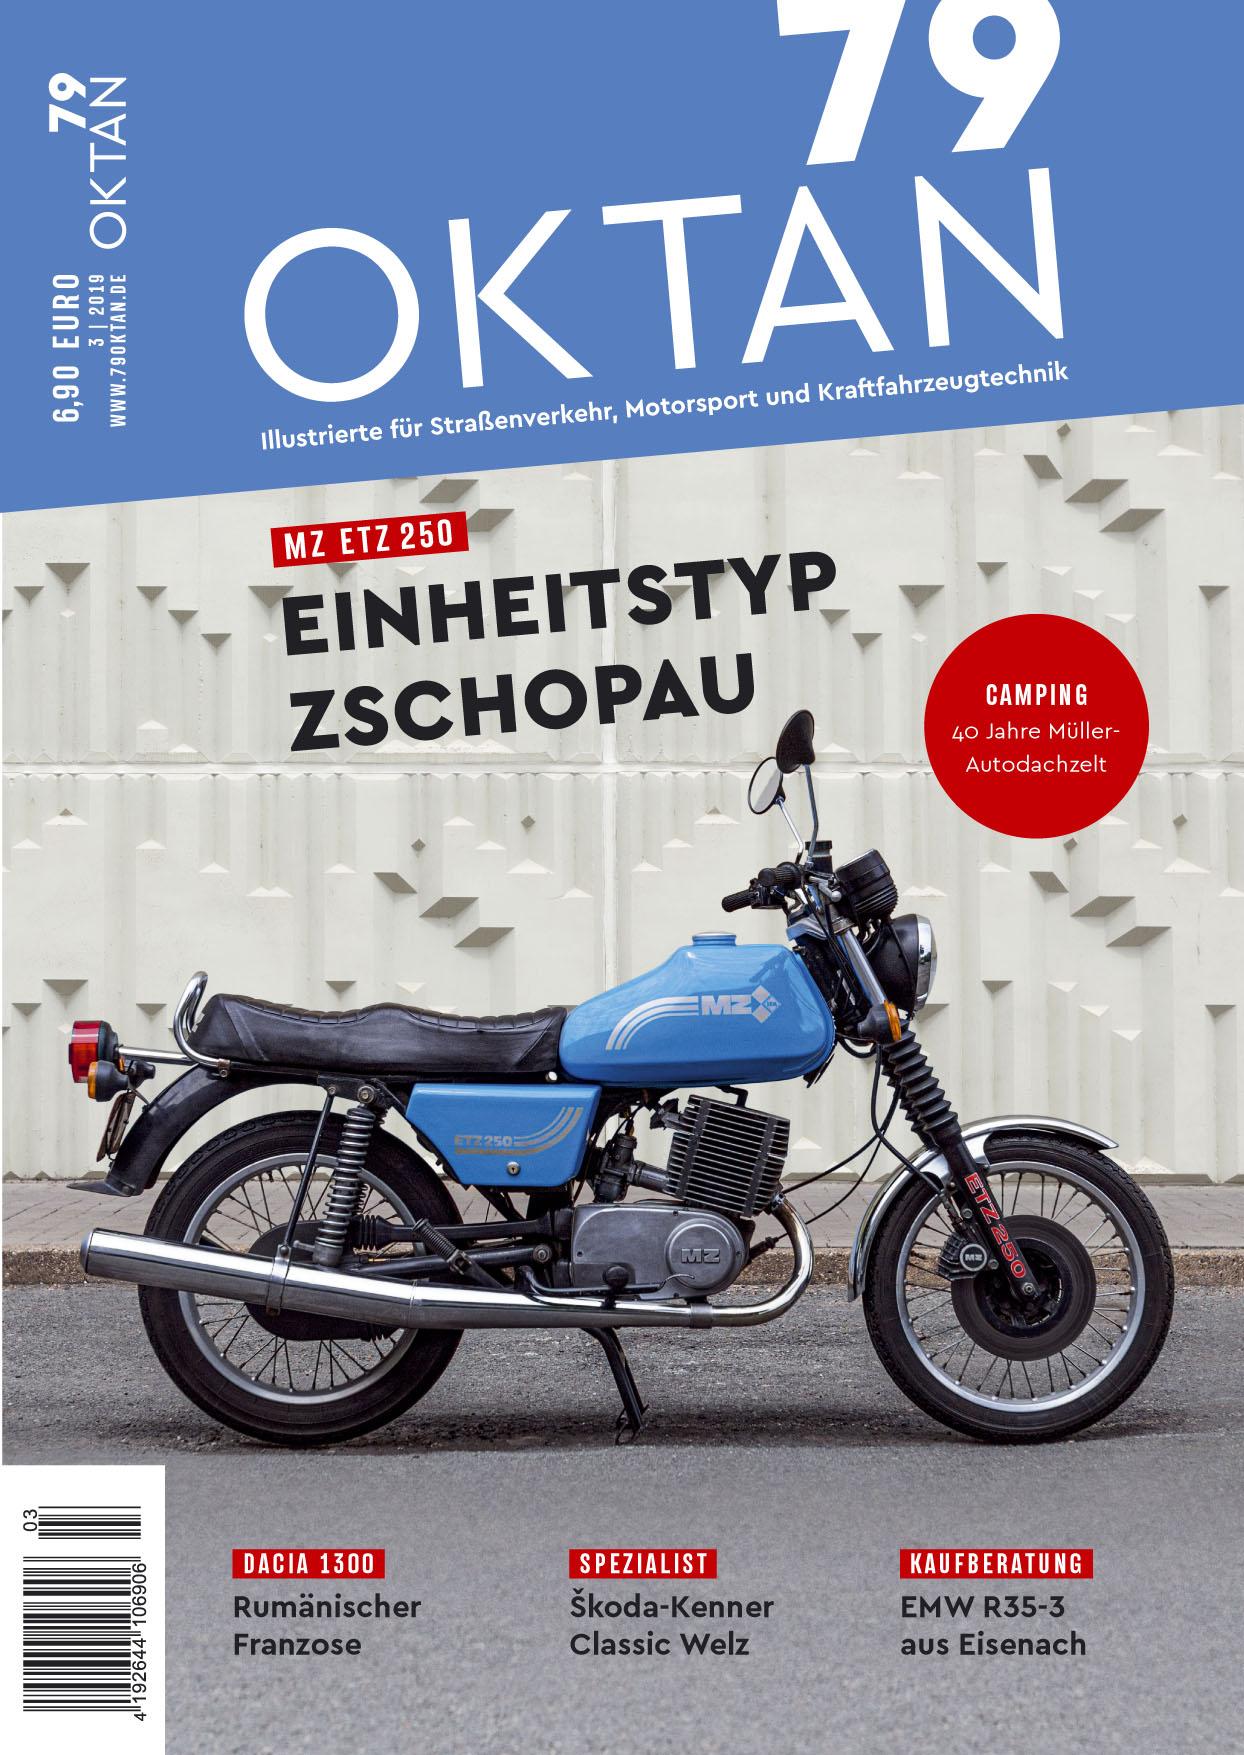 Das Magazin 79Oktan im Handel finden!